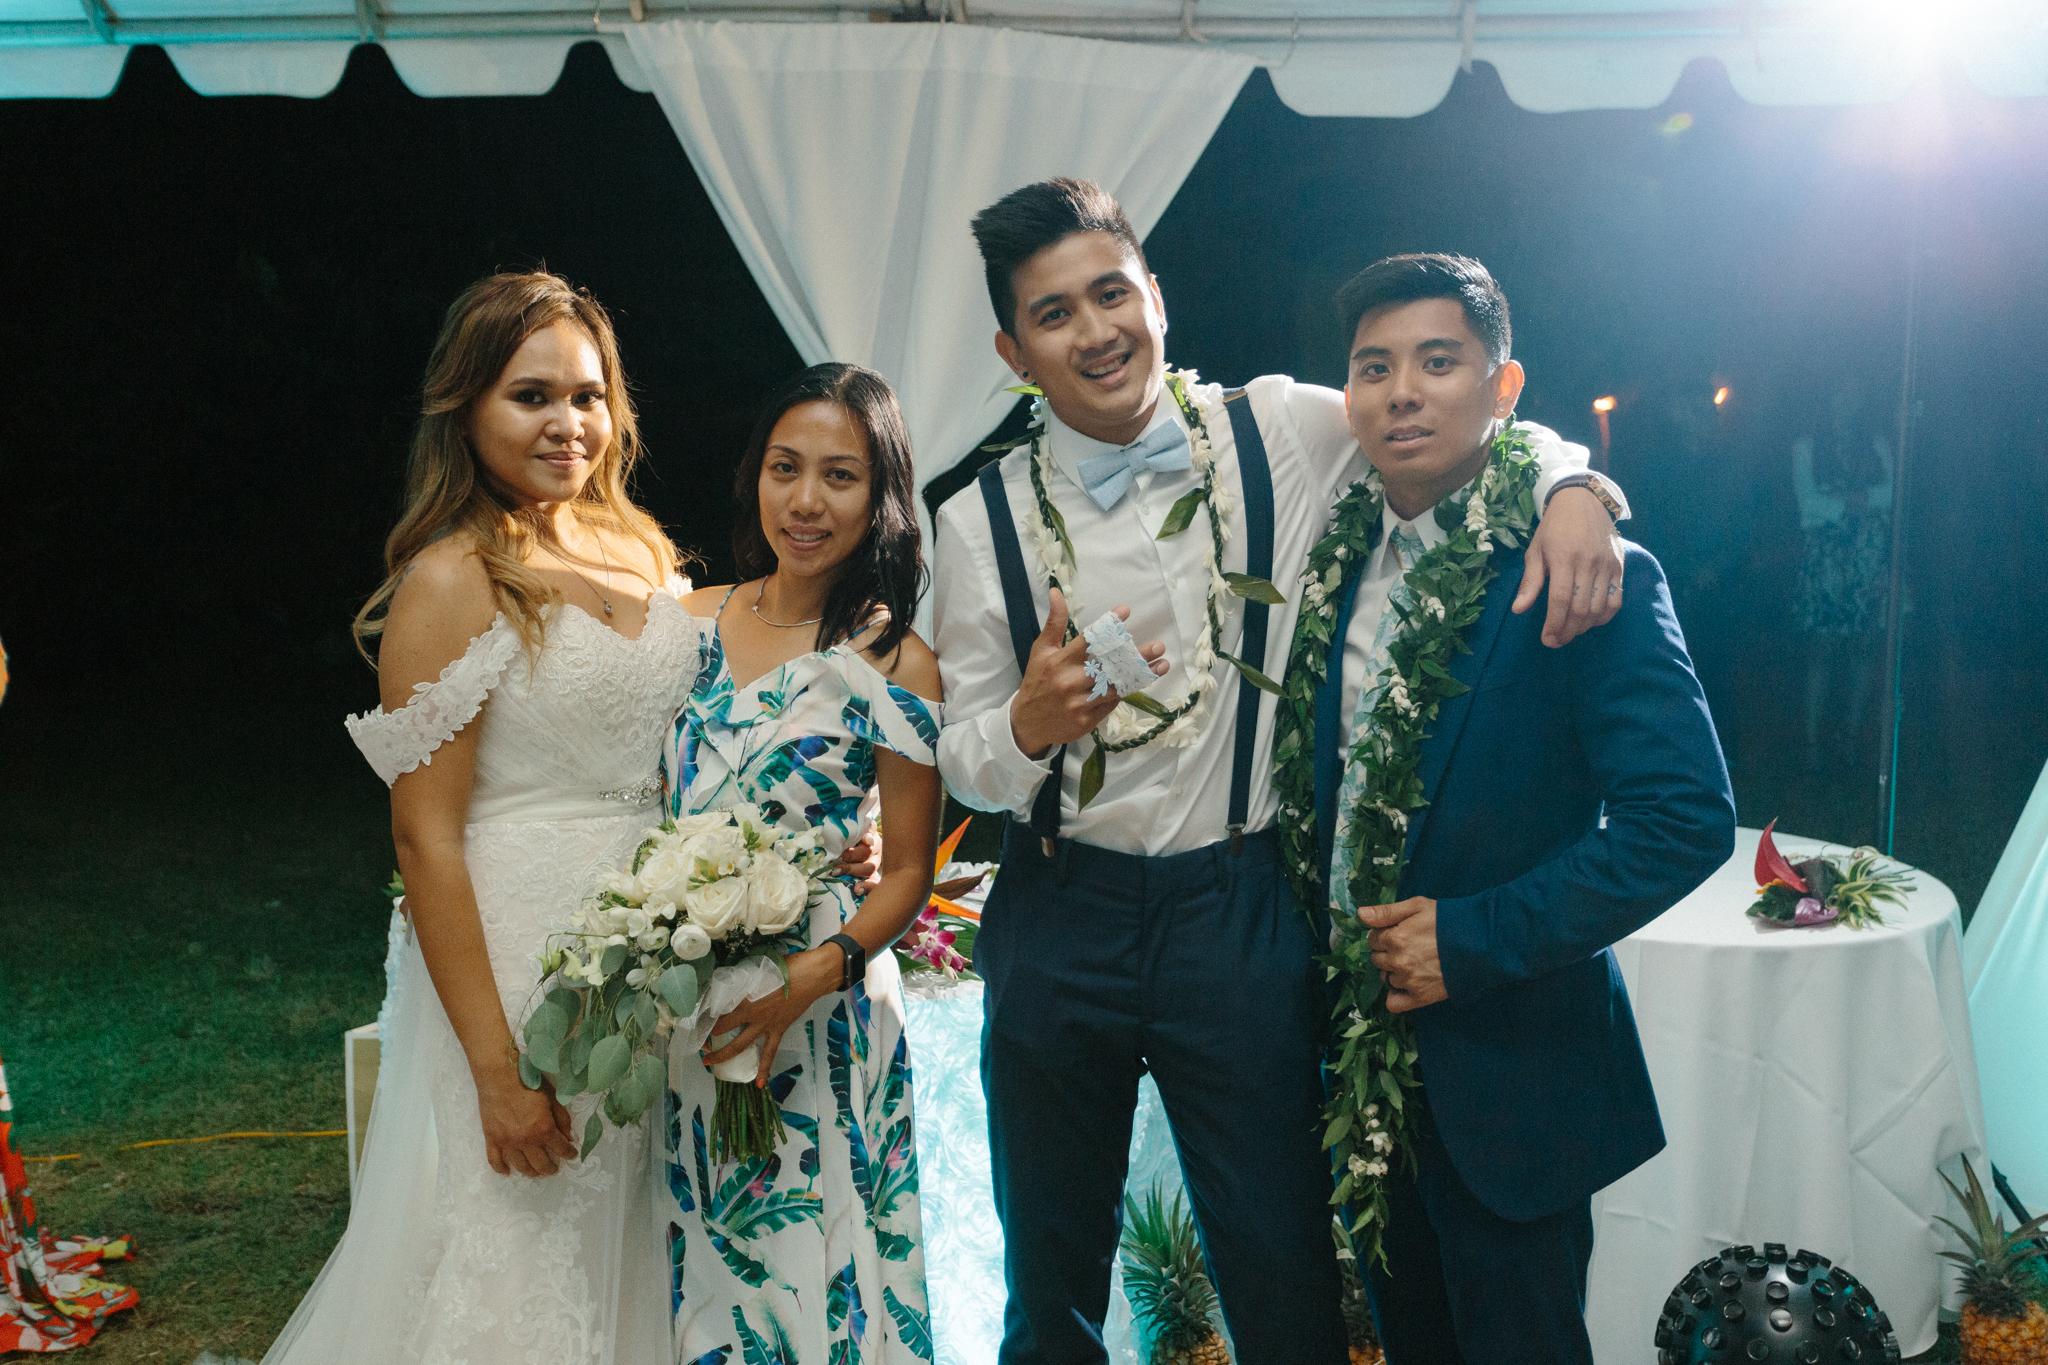 kualoa_ranch_wedding_photography_tone_hawaii-101.jpg